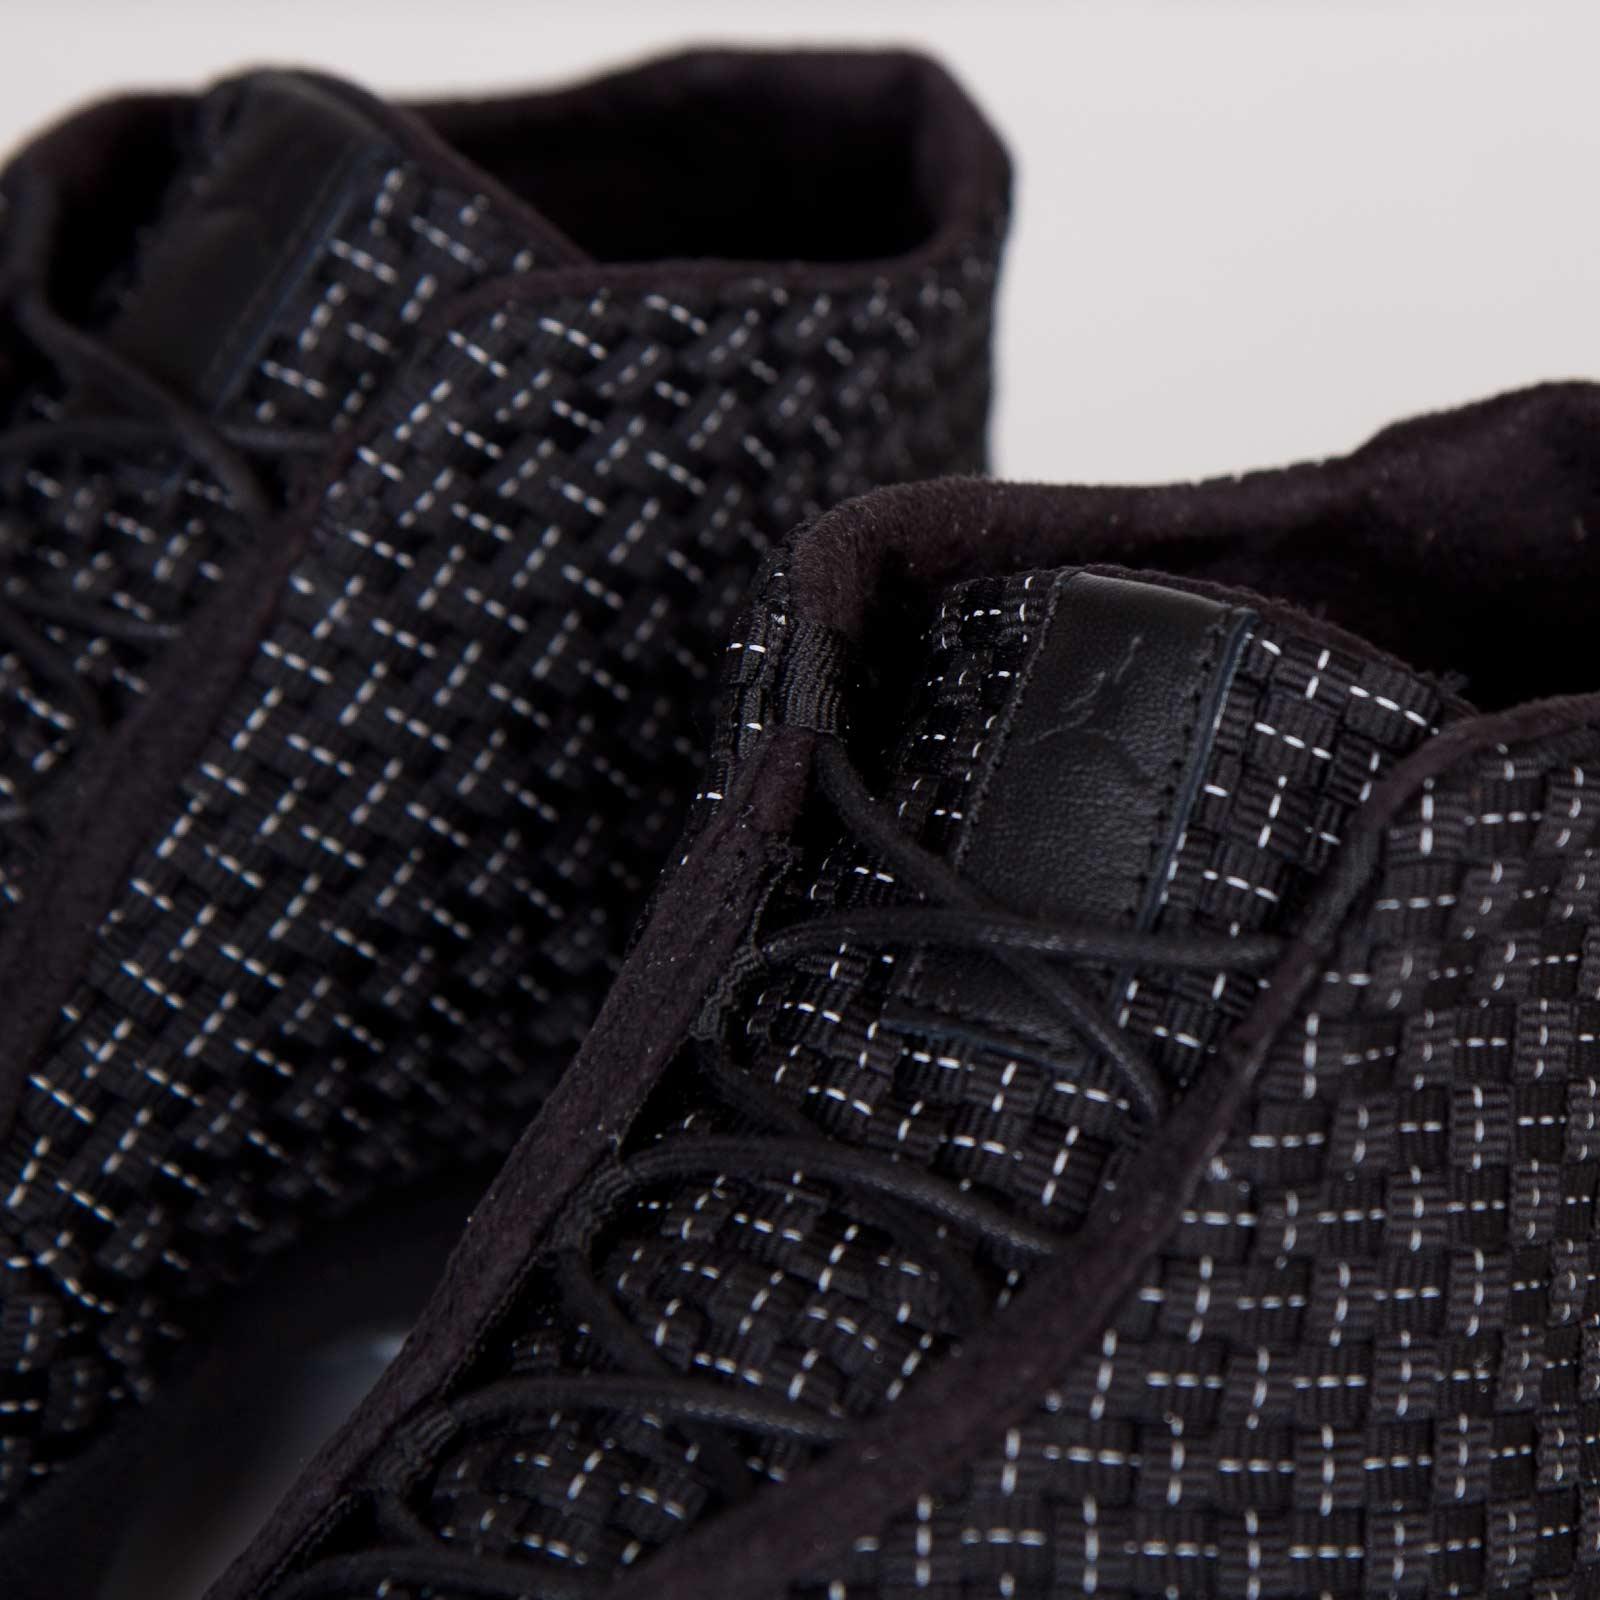 meet 3f18b 3ee5b Jordan Brand Air Jordan Future Premium - 652141-003 - Sneakersnstuff    sneakers   streetwear online since 1999